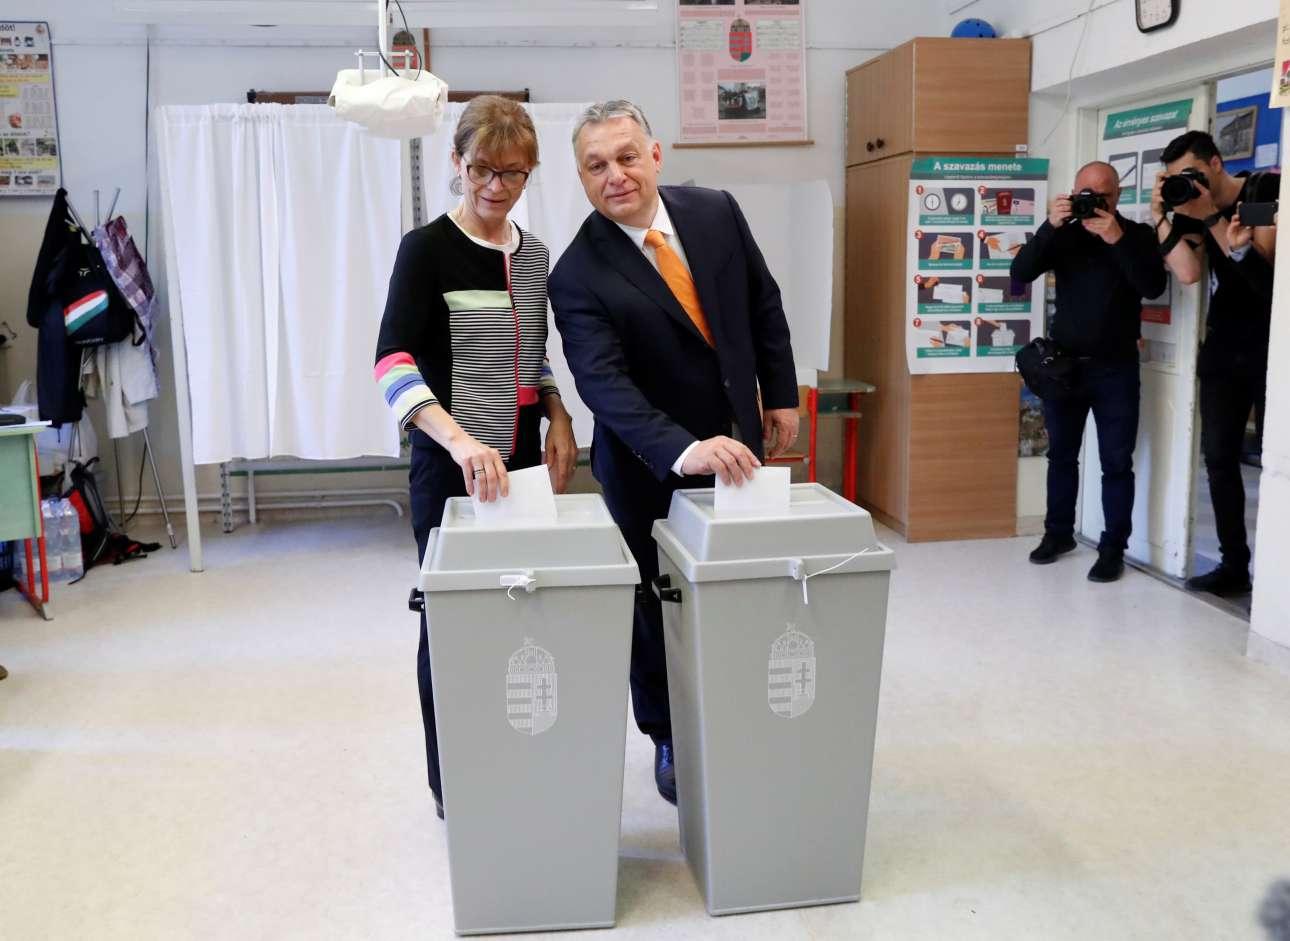 Βουδαπέστη, Ουγγαρία. Ο πρωθυπουργός Βίκτορ Ορμπαν και η σύζυγός του Ανίκο Λεβάι, ρίχνουν τις συγχρονισμένες ψήφους τους στις πελώριες κάλπες που έχουν στηθεί στη χώρα